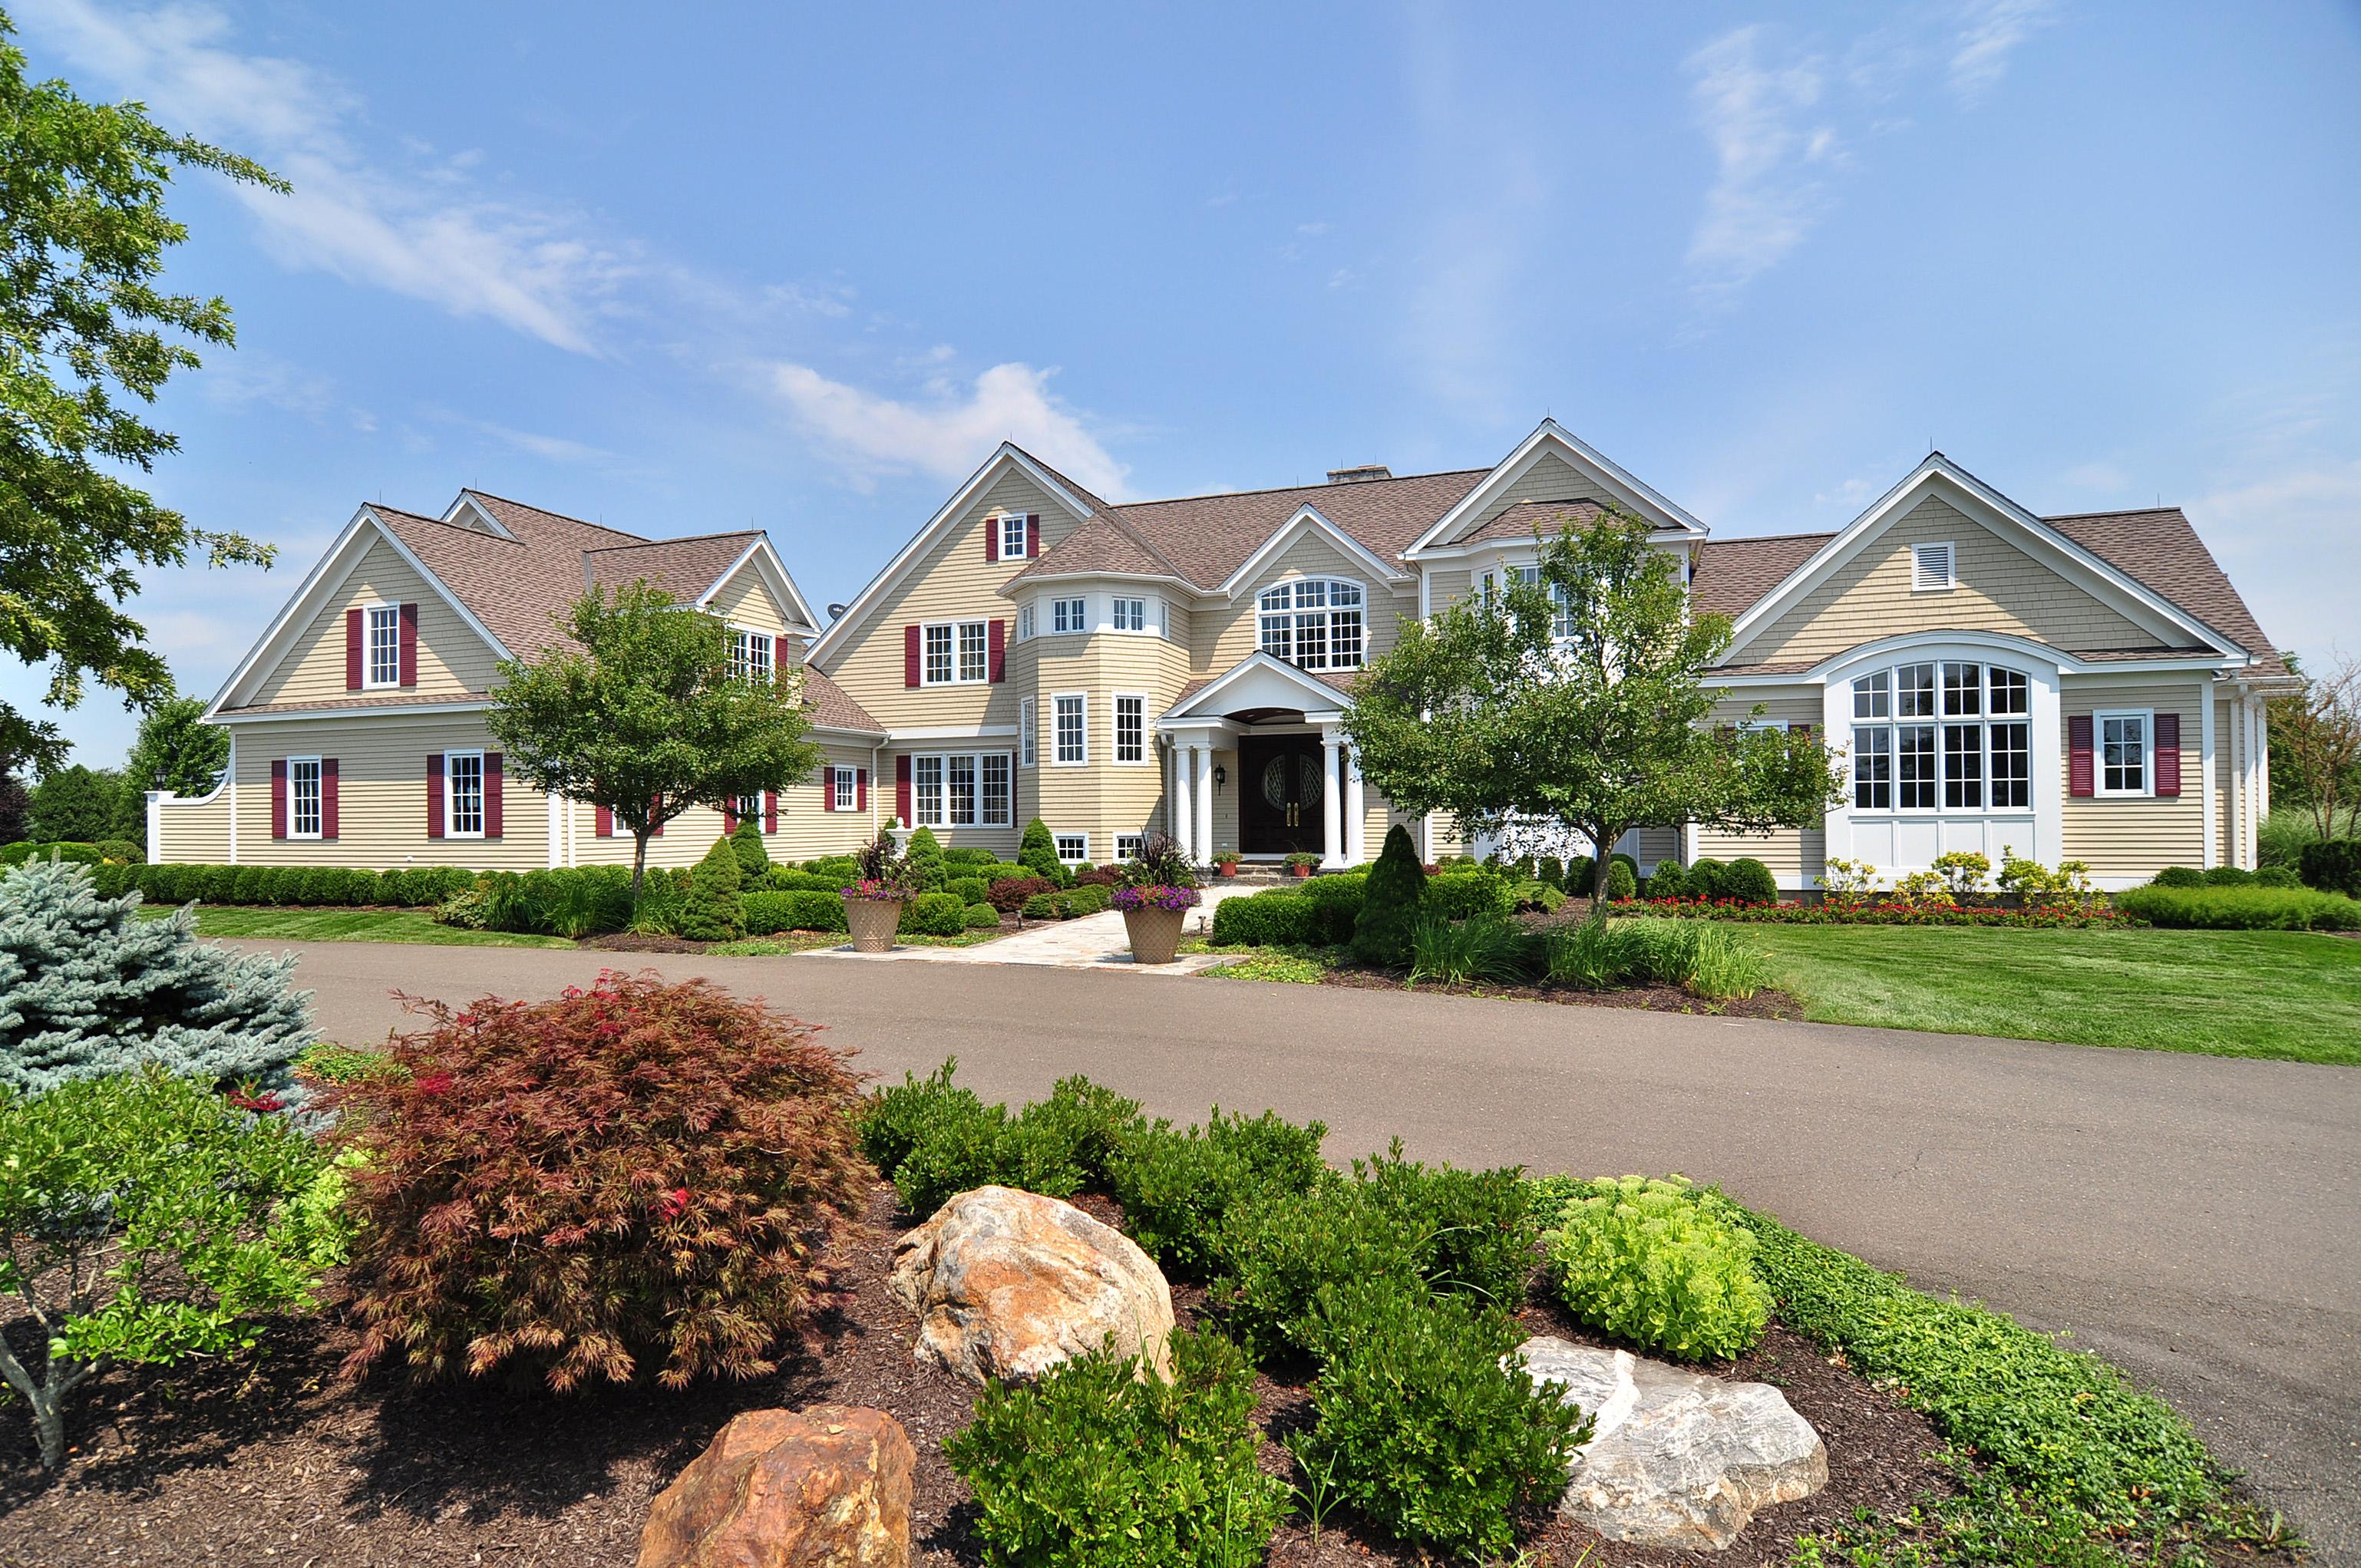 Property For Sale at Hilltop Estate